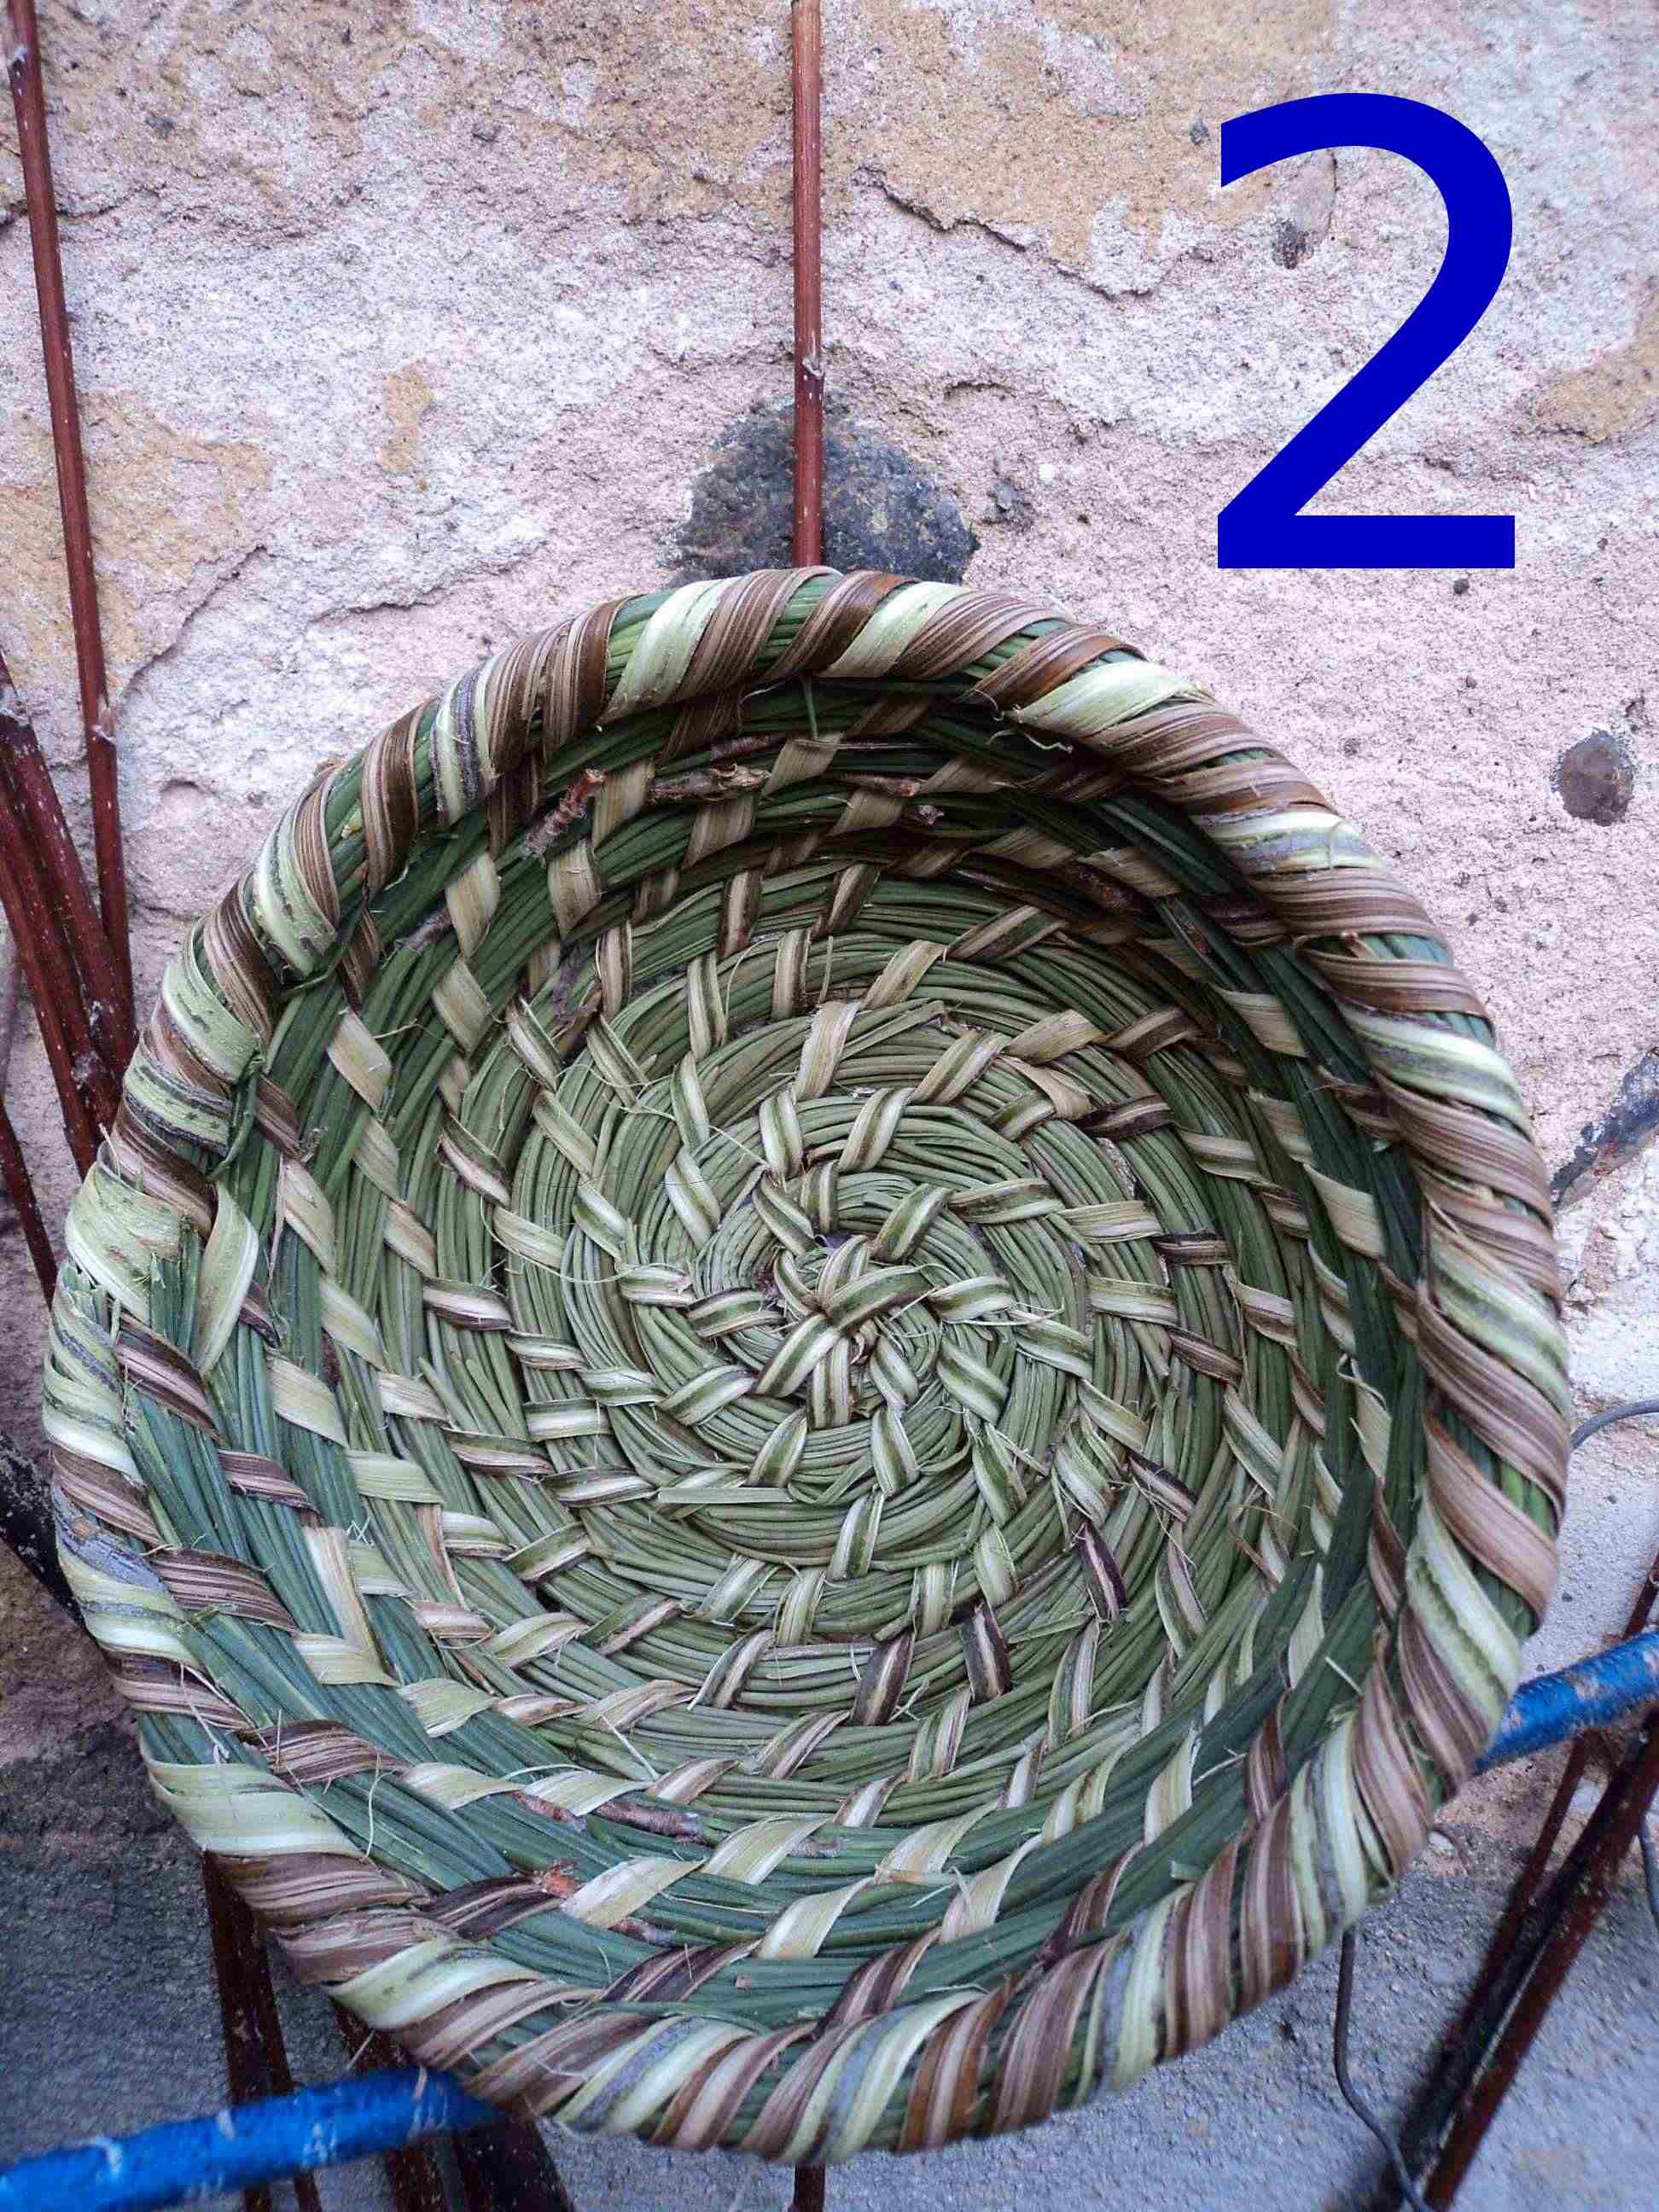 vannerie spiralée : technique de la ruche de paille